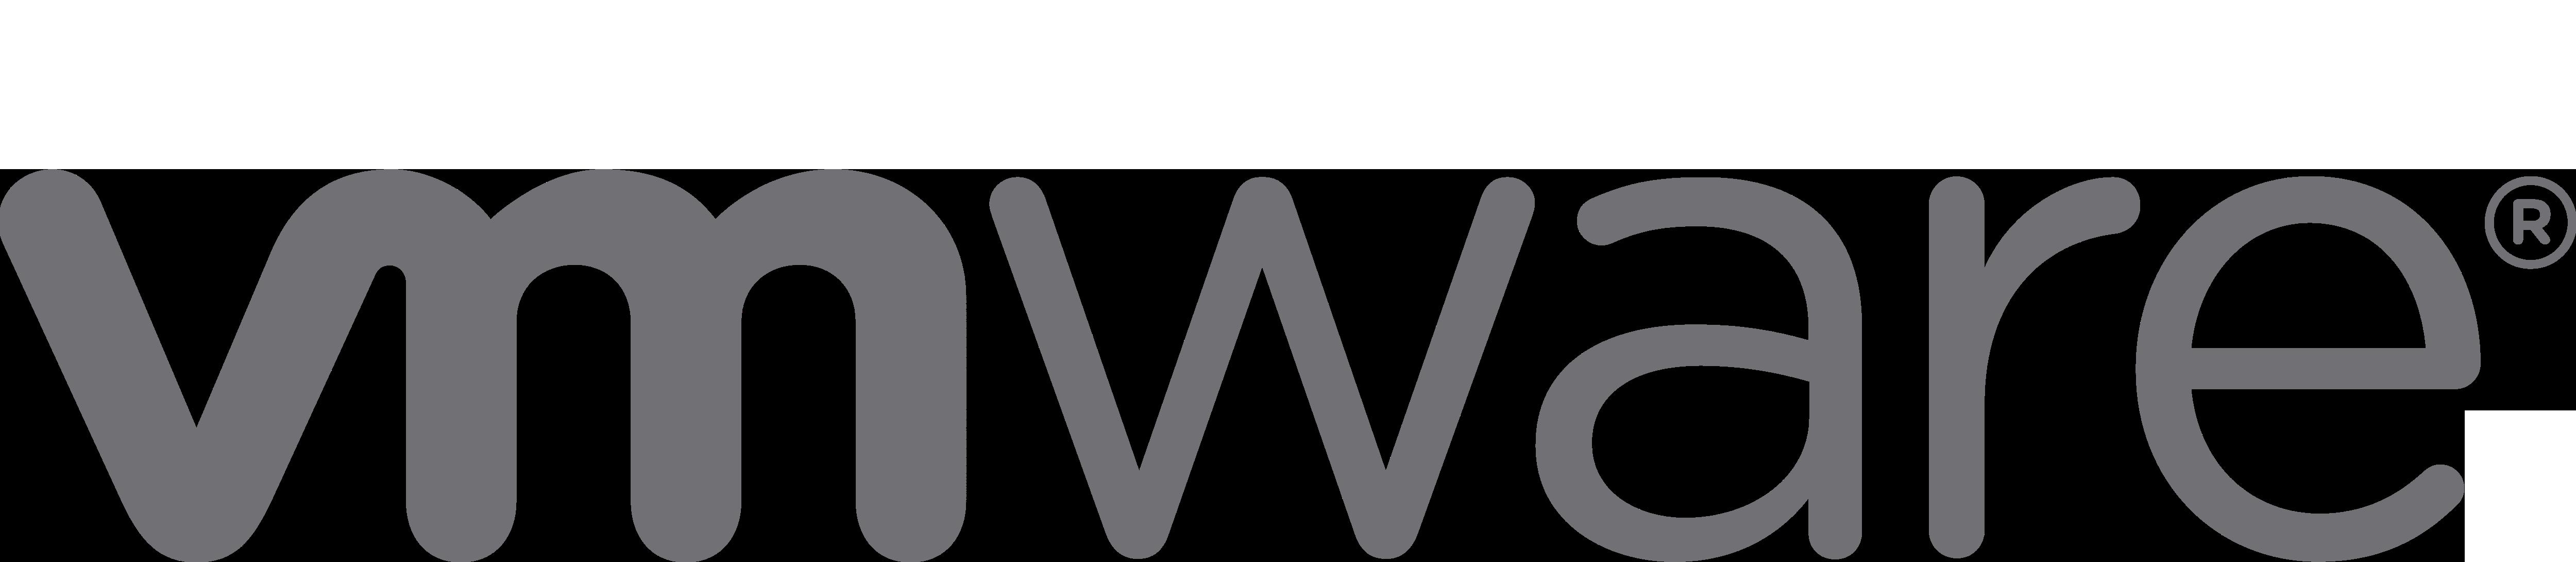 Vmware logo 4